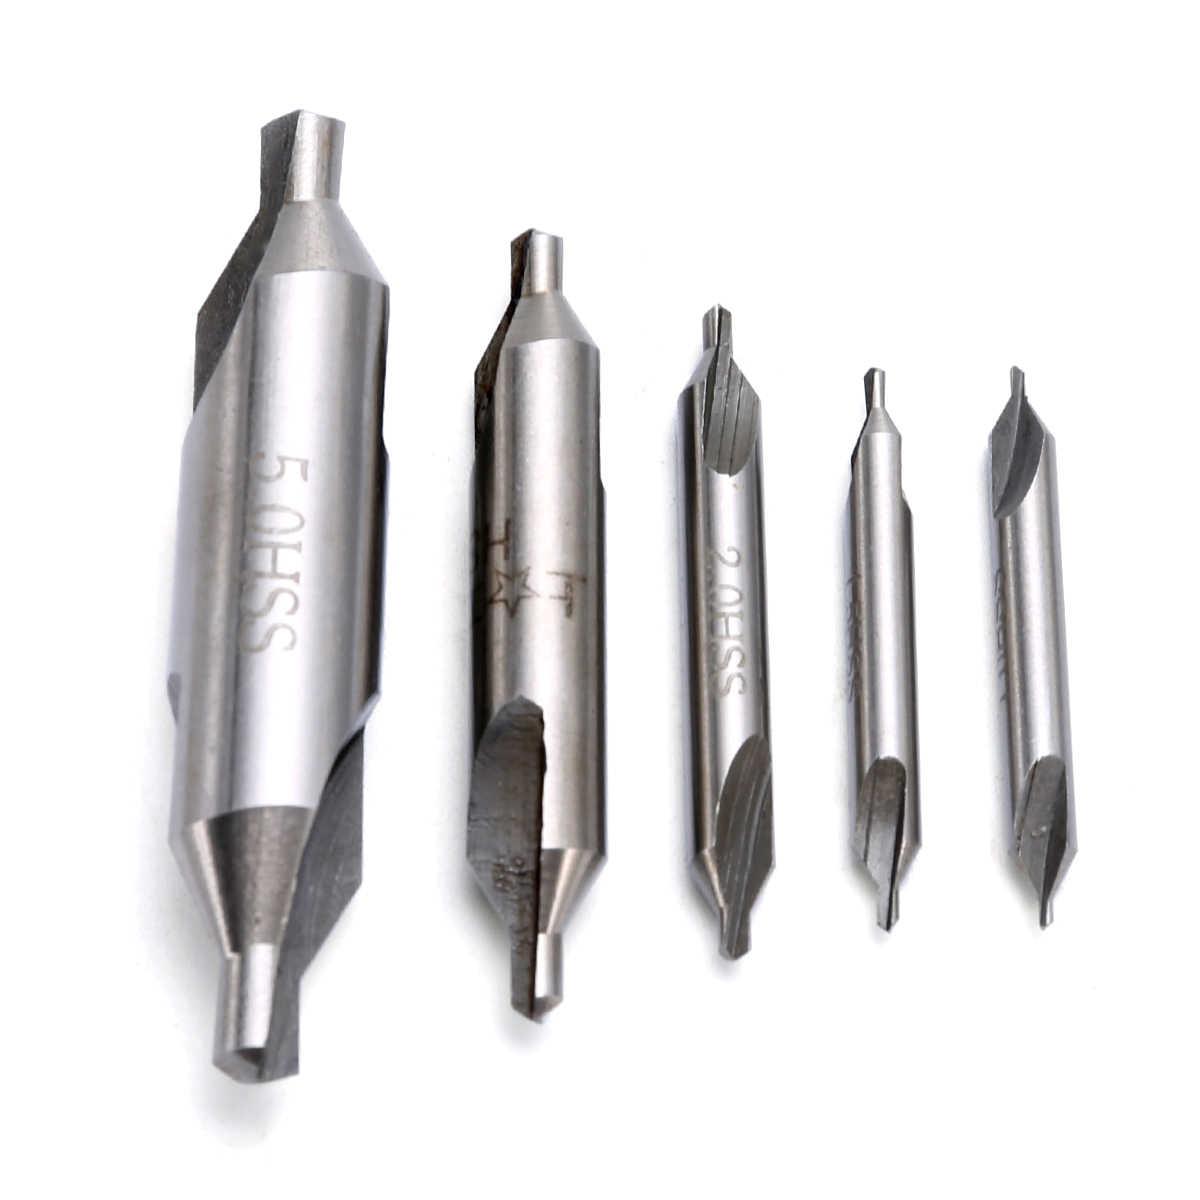 HSS Center Drill Countersink Bit Lathe Tool 1//1.5//2.5//3.15//5mm Series Durable